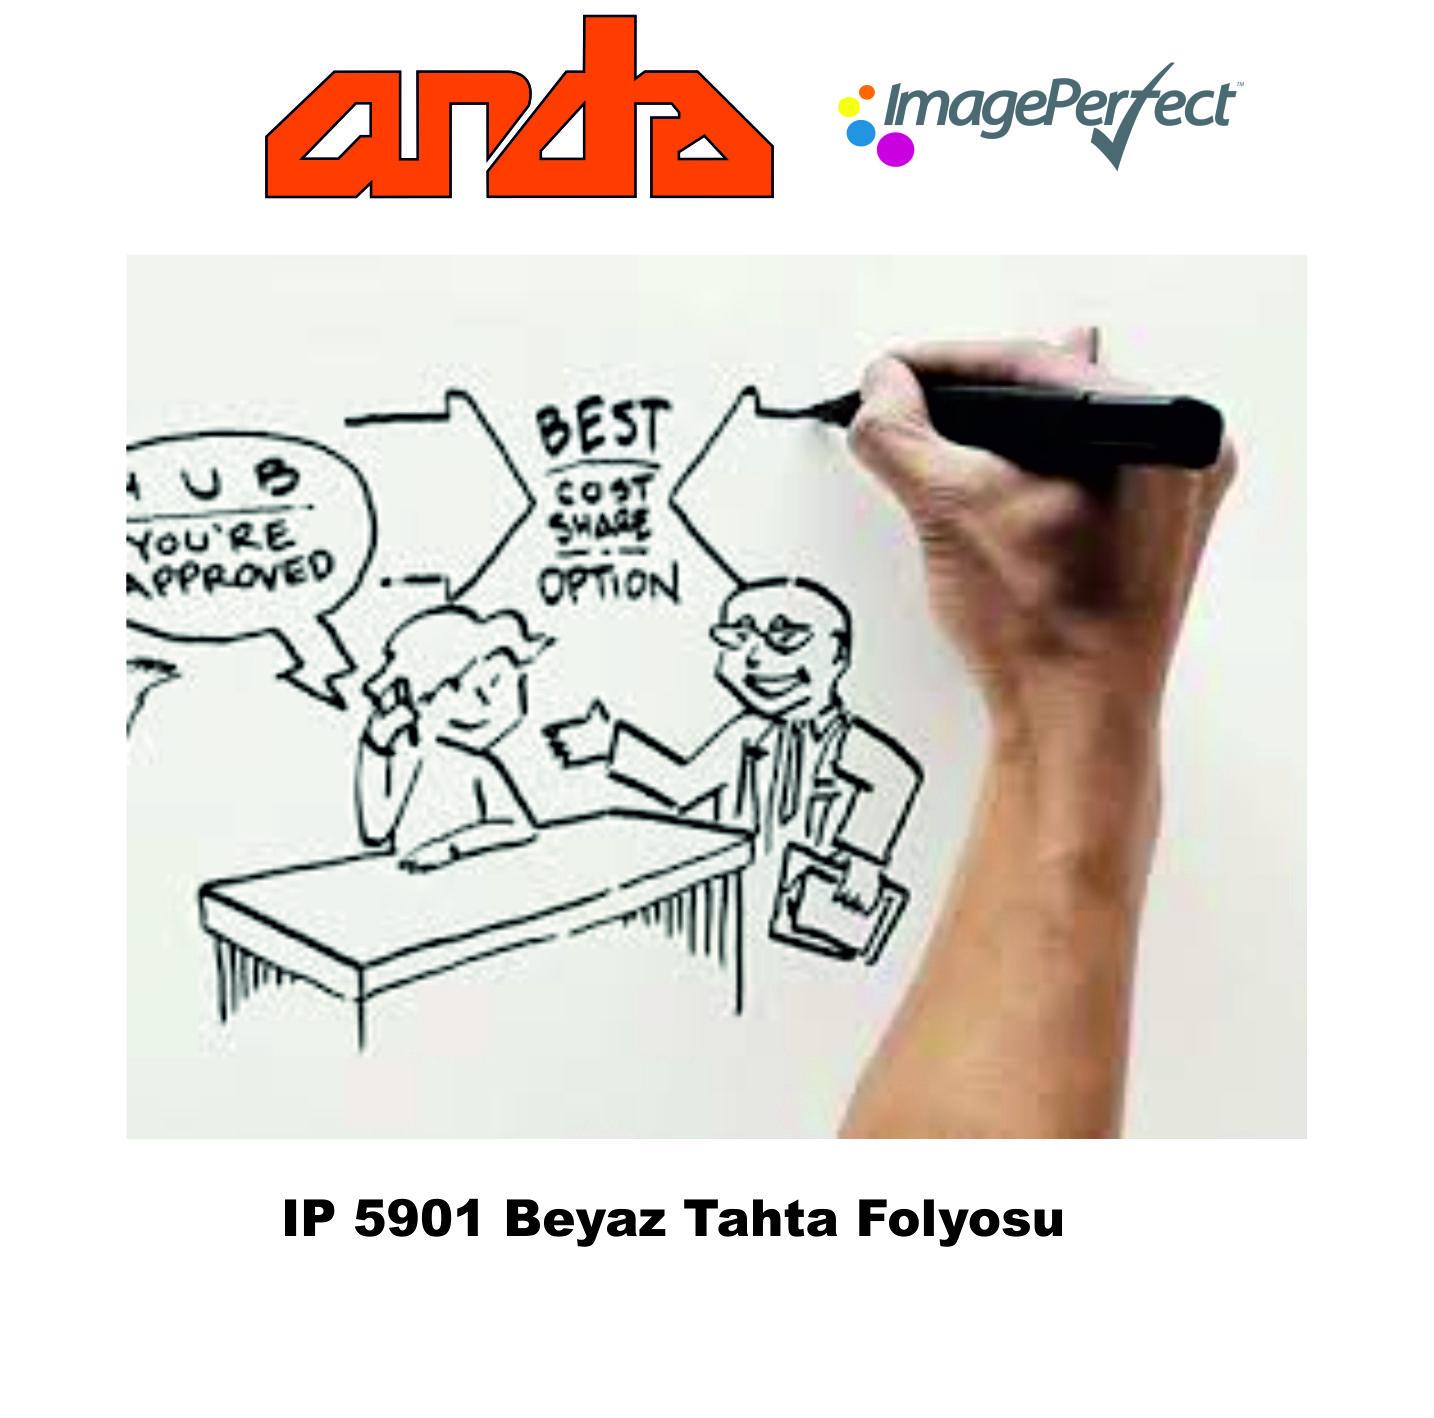 ImagePerfect -IP 5901- Beyaz Tahta Folyosu 1